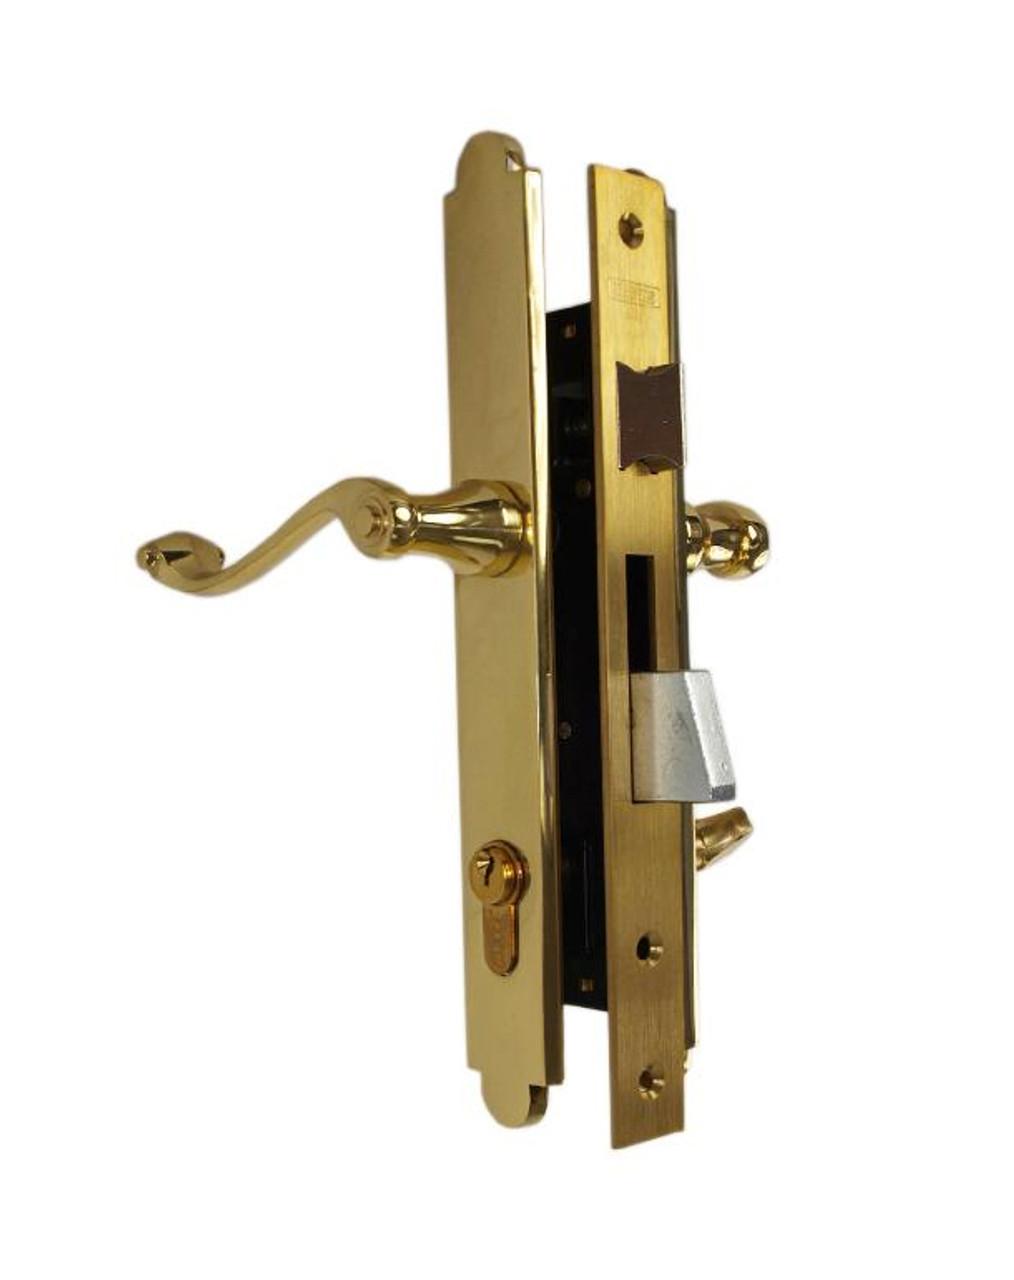 Marks Lock Thinline Mortise Lockset 2750 Series For Storm Door & Screen Door